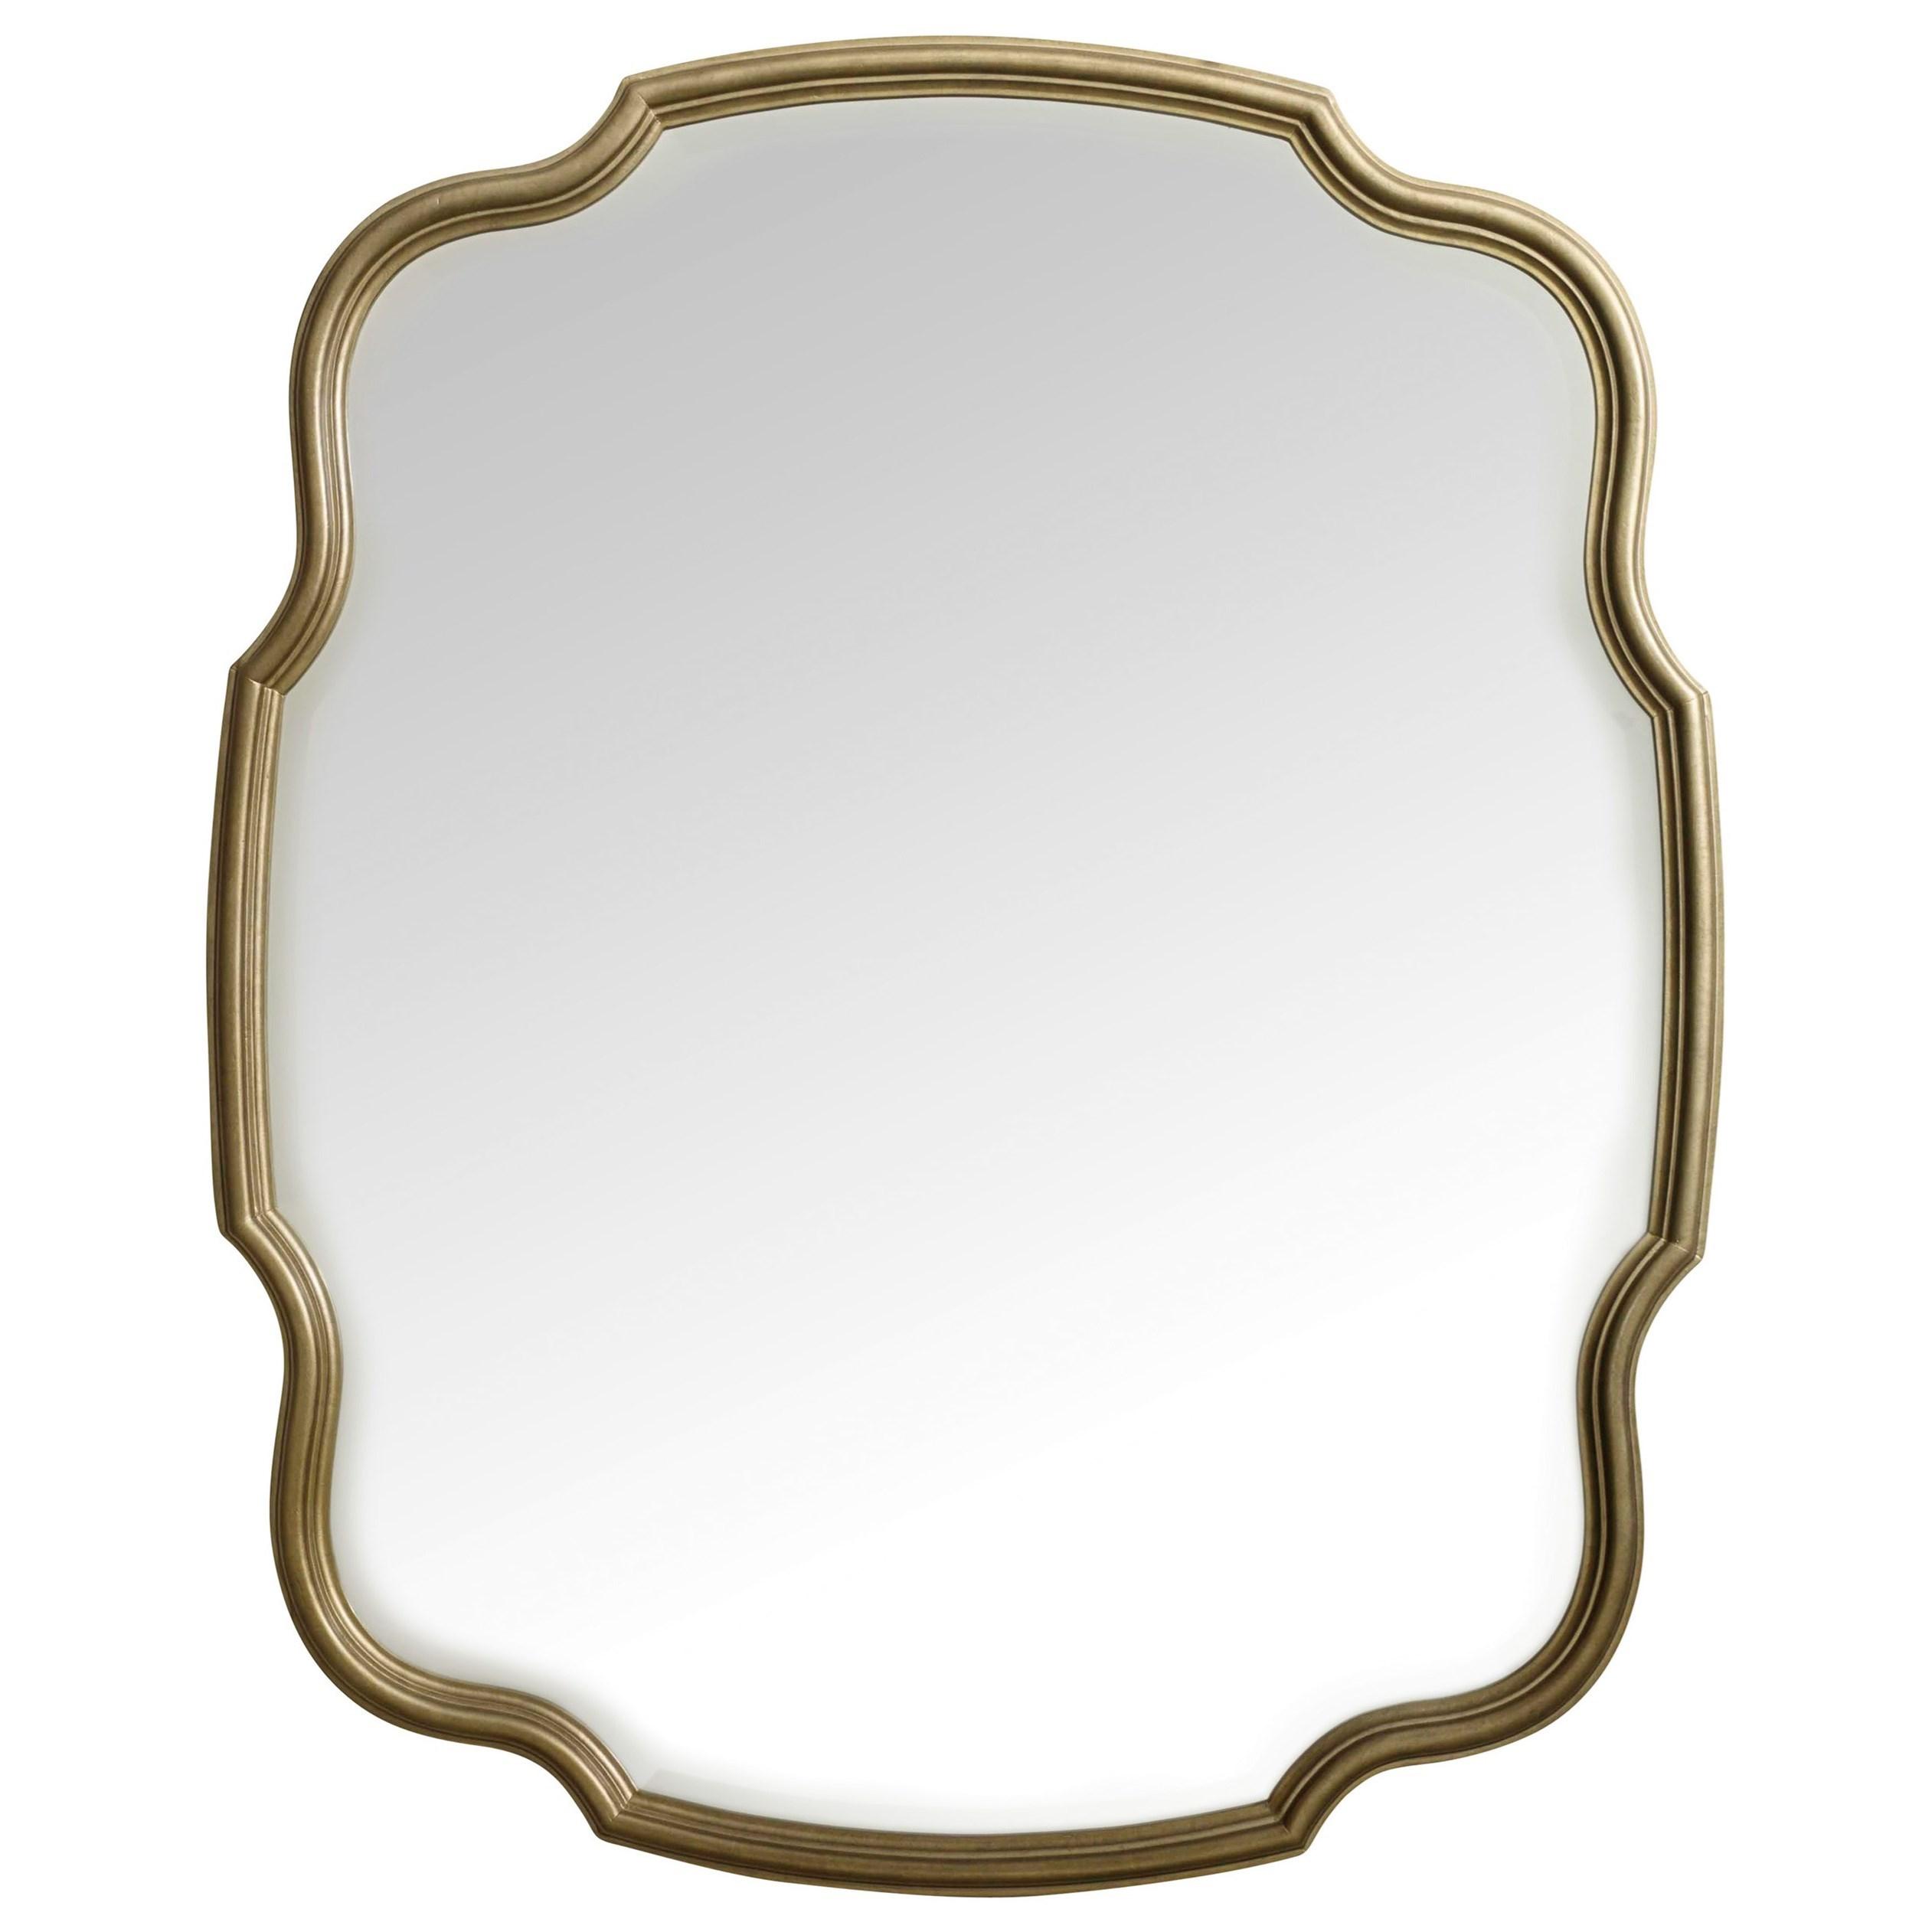 Hooker Furniture Skyline Portrait Mirror - Item Number: 5336-90004